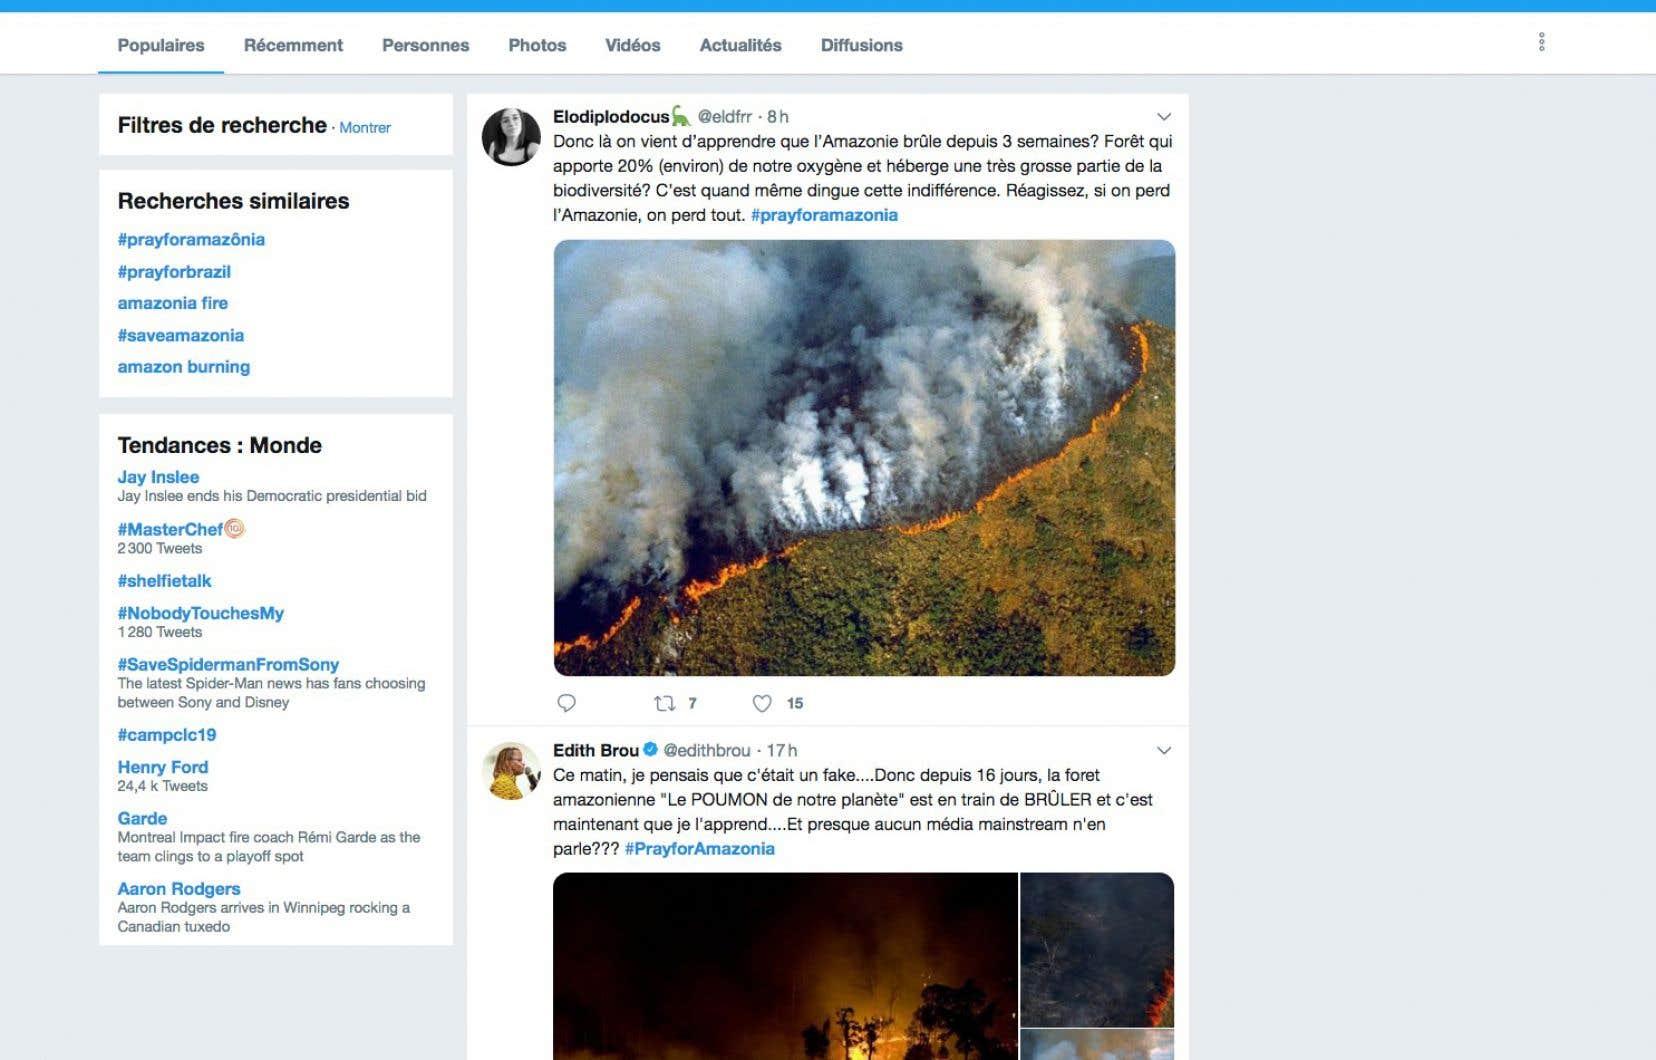 La première tendance mondiale sur Twitter mercredi était le mot-dièse #PrayForAmazonas. Cela a donné lieu à la publication de nombreuses images n'ayant aucun rapport avec les feux actuels en Amazonie.